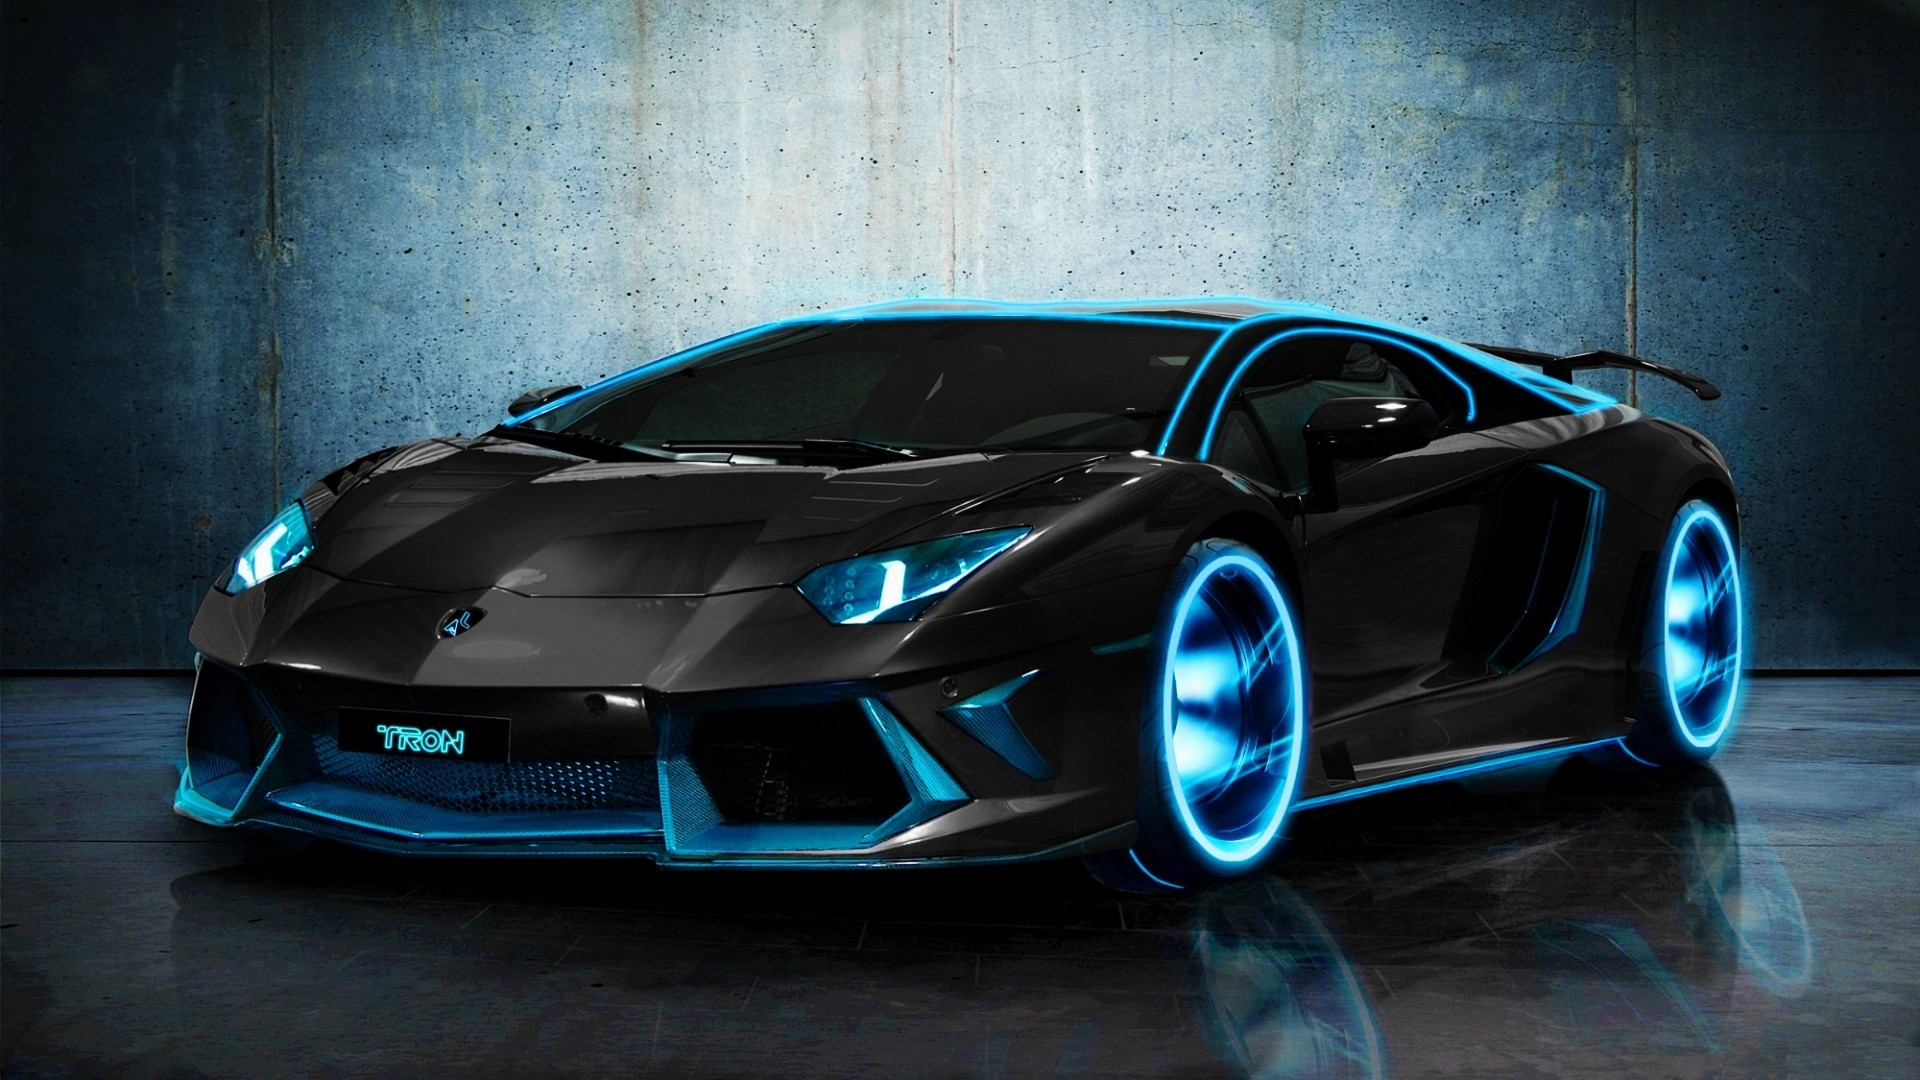 Facebook Cover HD Wallpaper Lamborghini Aventador Facebook Cover 1920x1080